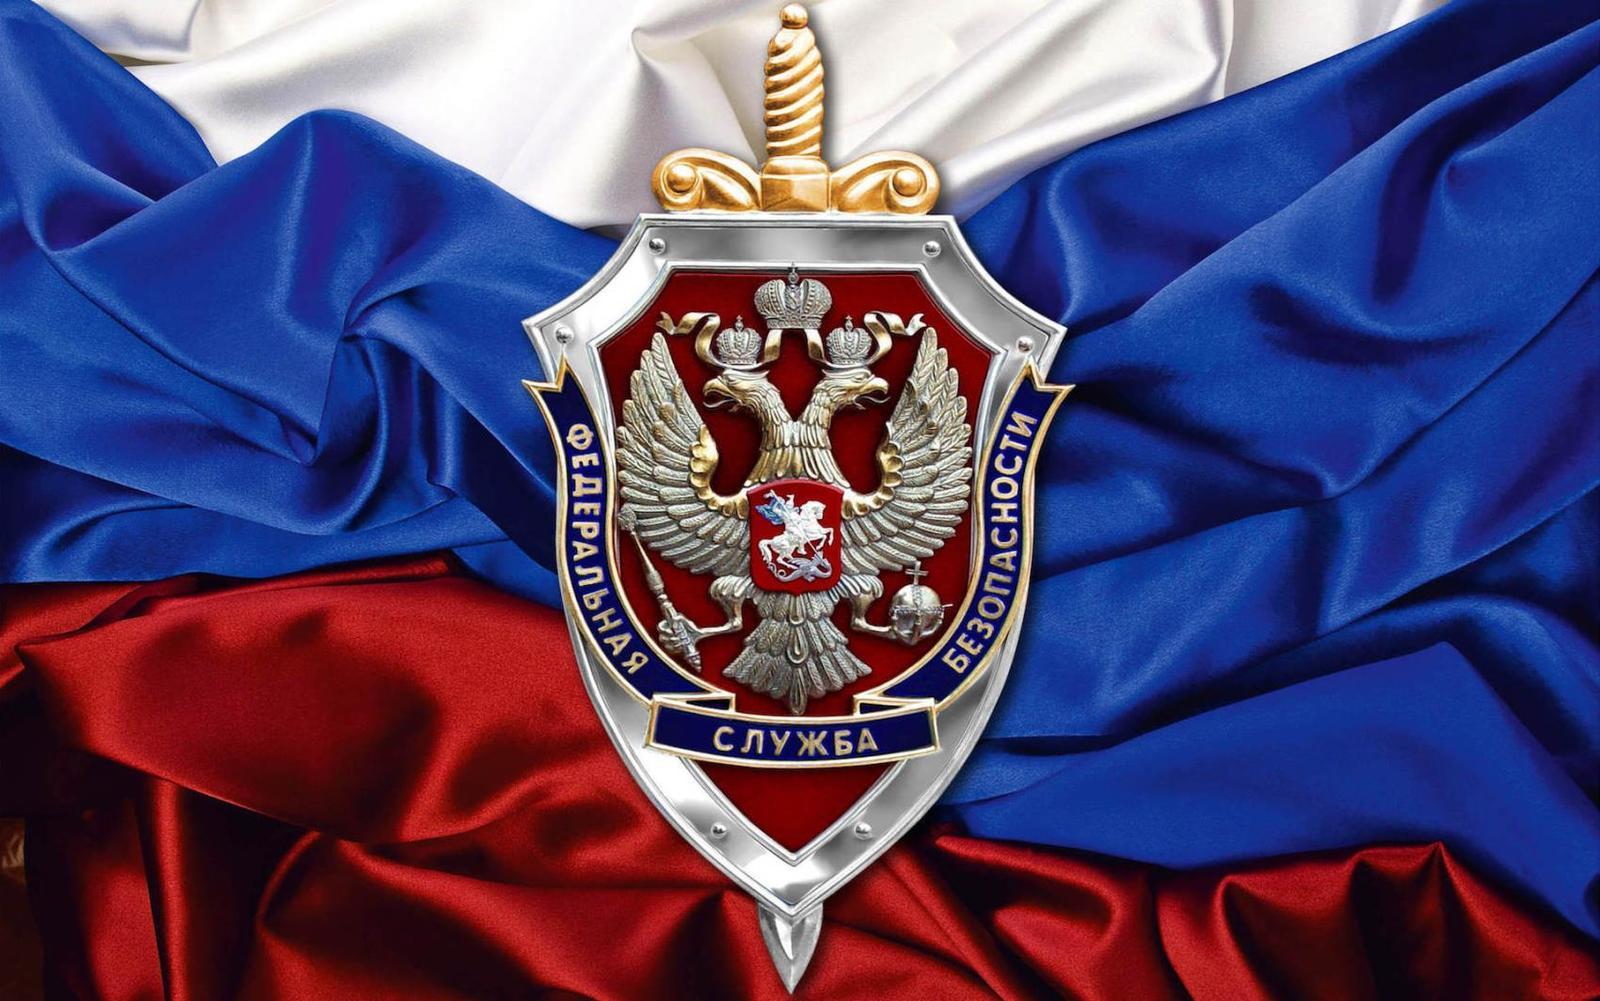 Балеты в Санкт-Петербурге ноябрь 2019